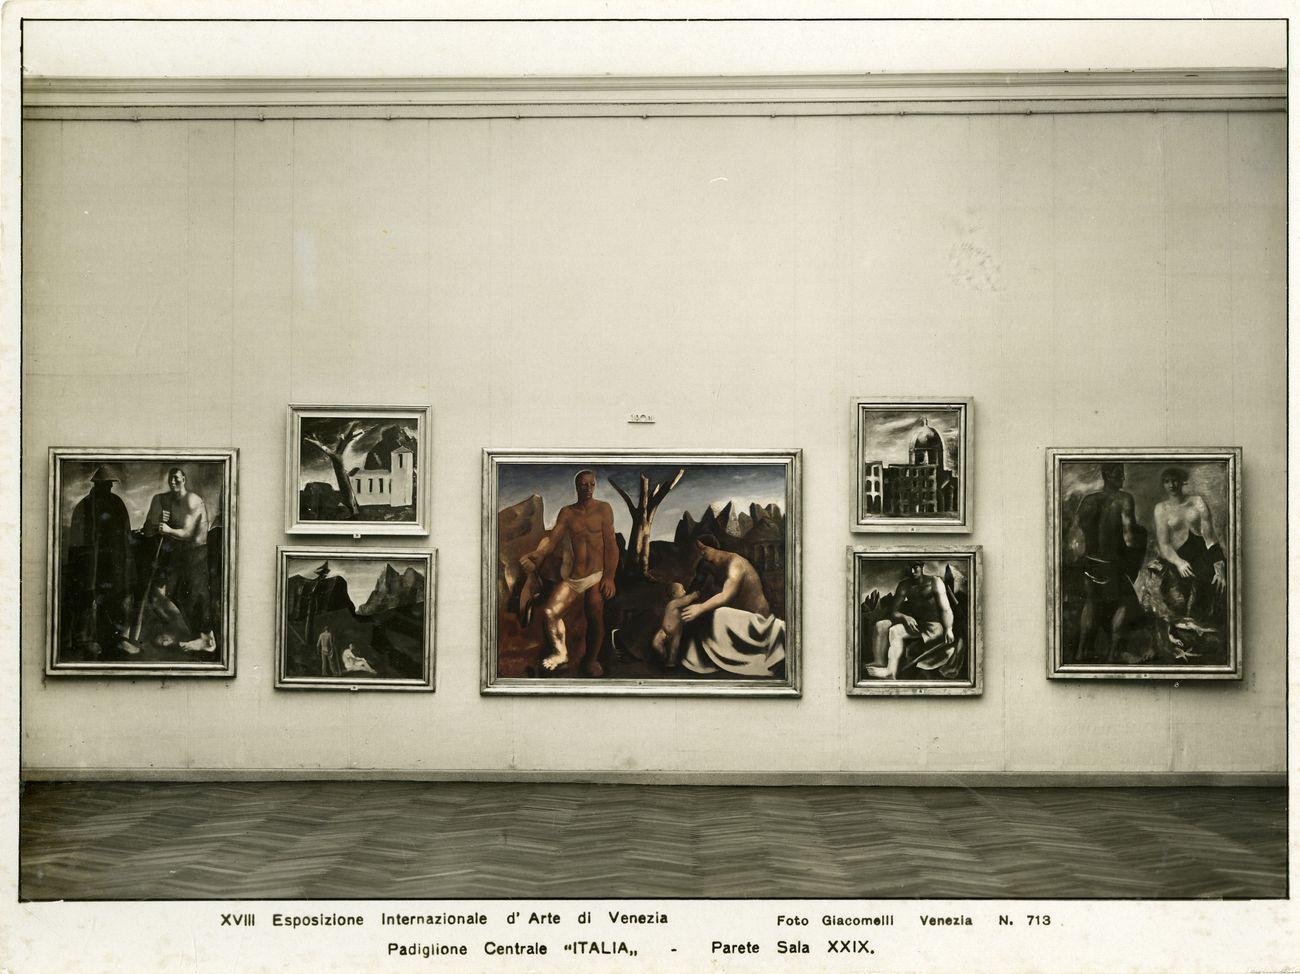 """Rendering fotografico per """"Post Zang Tumb Tuuum"""" (Fondazione Prada, Milano, 2018). XVIII Esposizione Internazionale d'Arte, Venezia 1932. © La Biennale di Venezia, ASAC, Fototeca. Photo Giacomelli"""